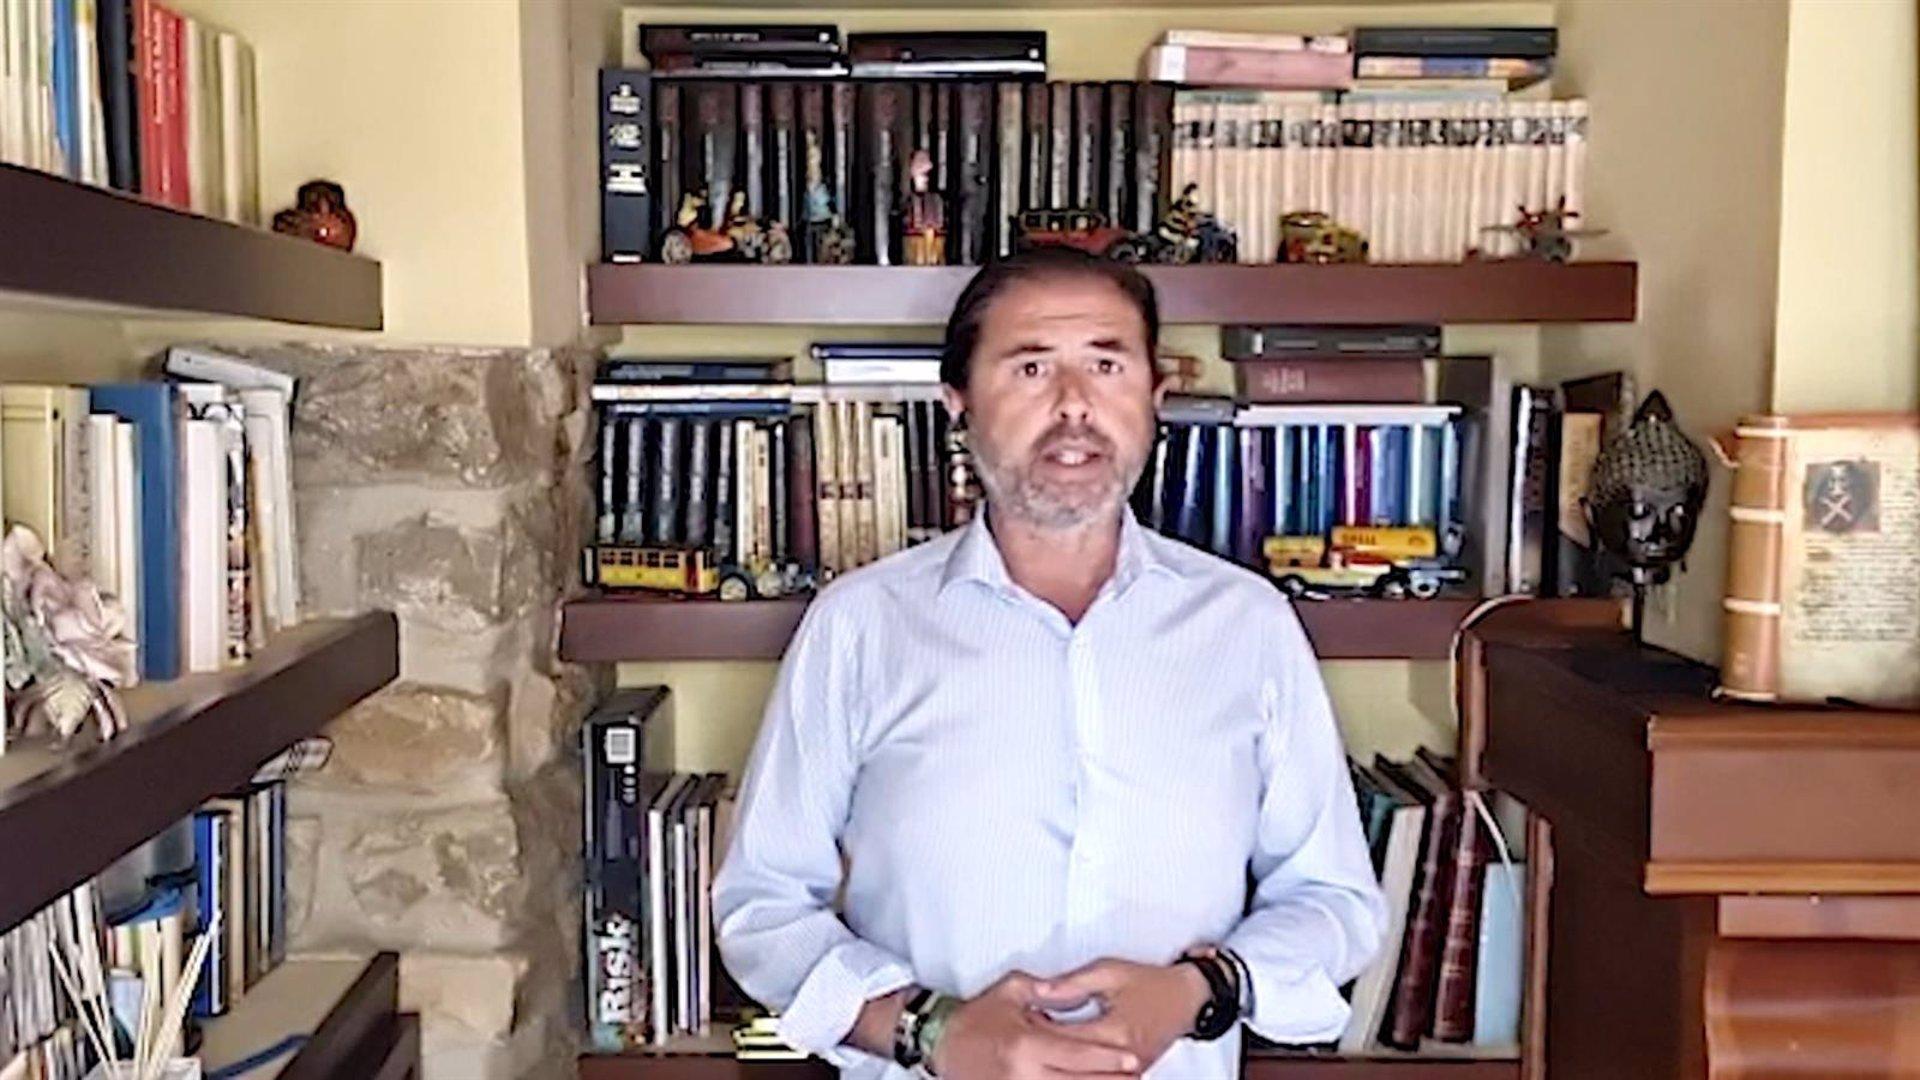 Vox exige a la Junta que permita un espectáculo taurino en Baza: «Odian a España y sus tradiciones»